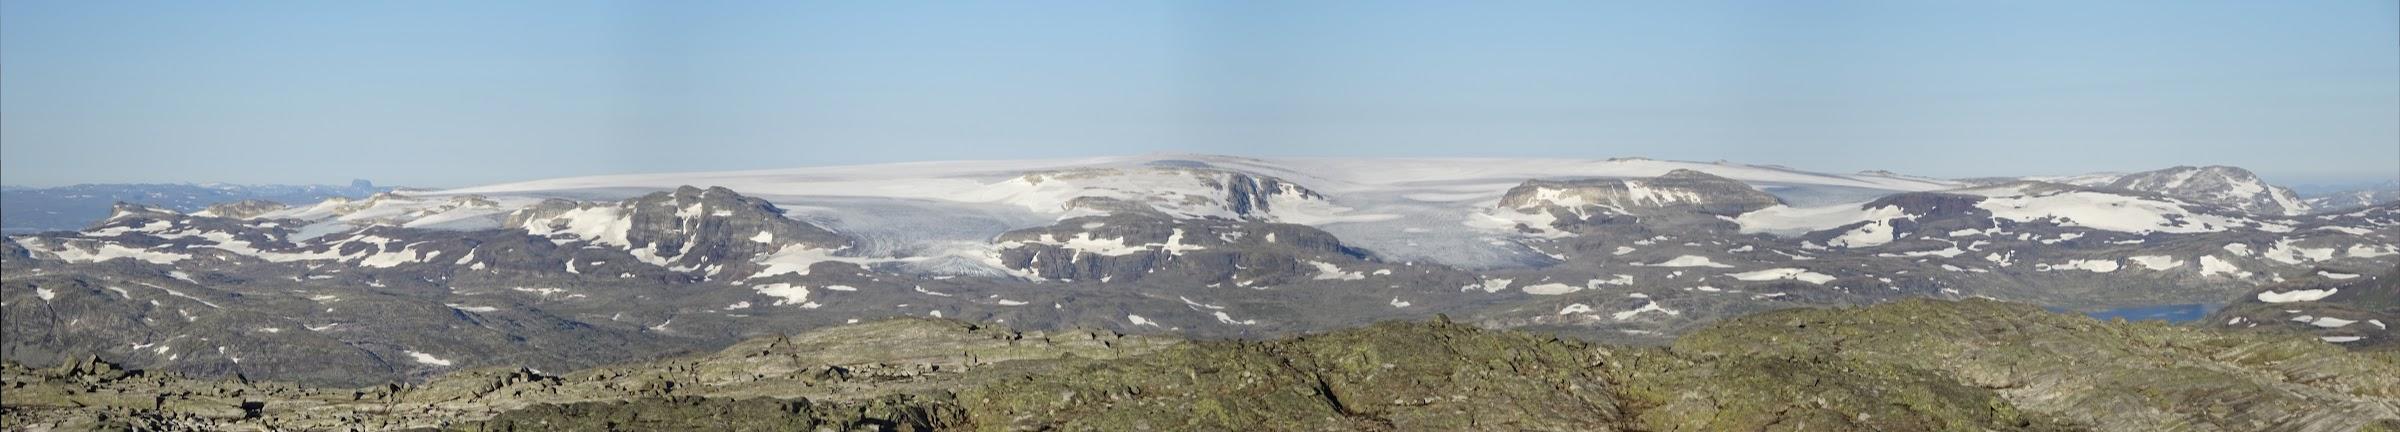 View of Hardangerjøkulen from the Hallinskarvet Ridge